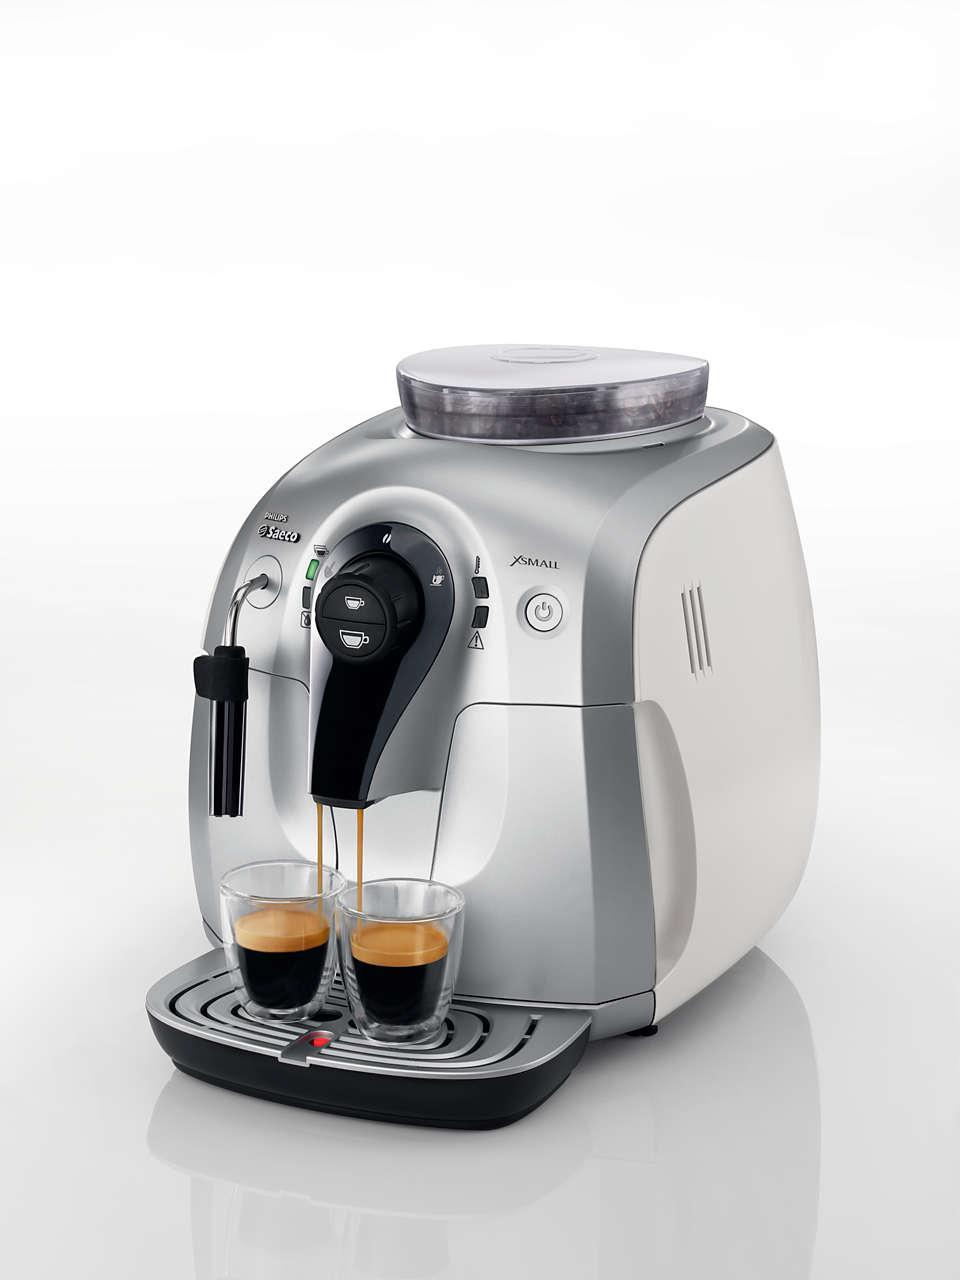 สัมผัสกลิ่นหอมของเมล็ดกาแฟที่คุณชอบ